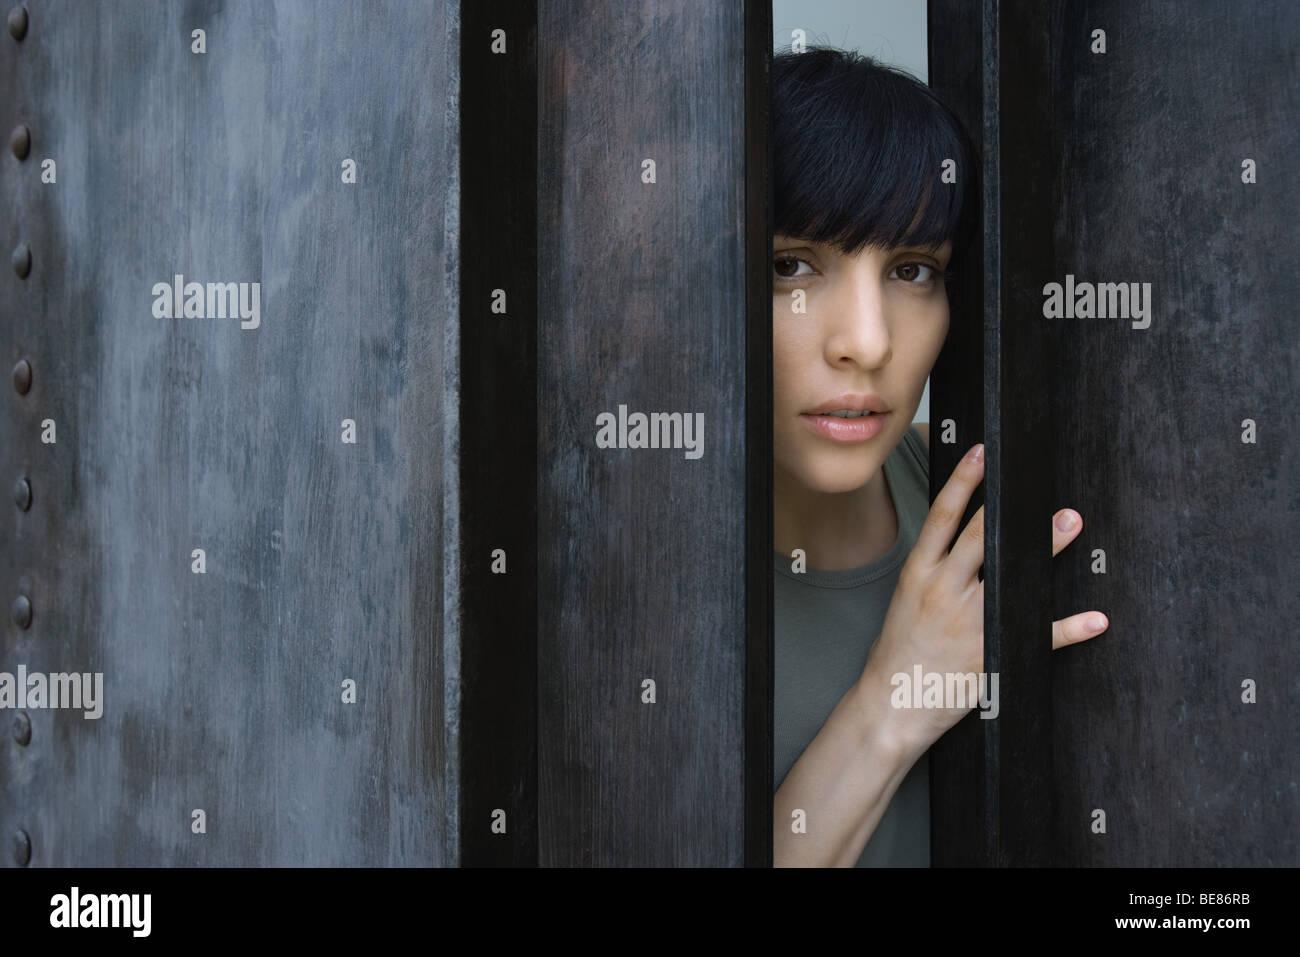 La donna porta di apertura, guardando dalla fotocamera Immagini Stock